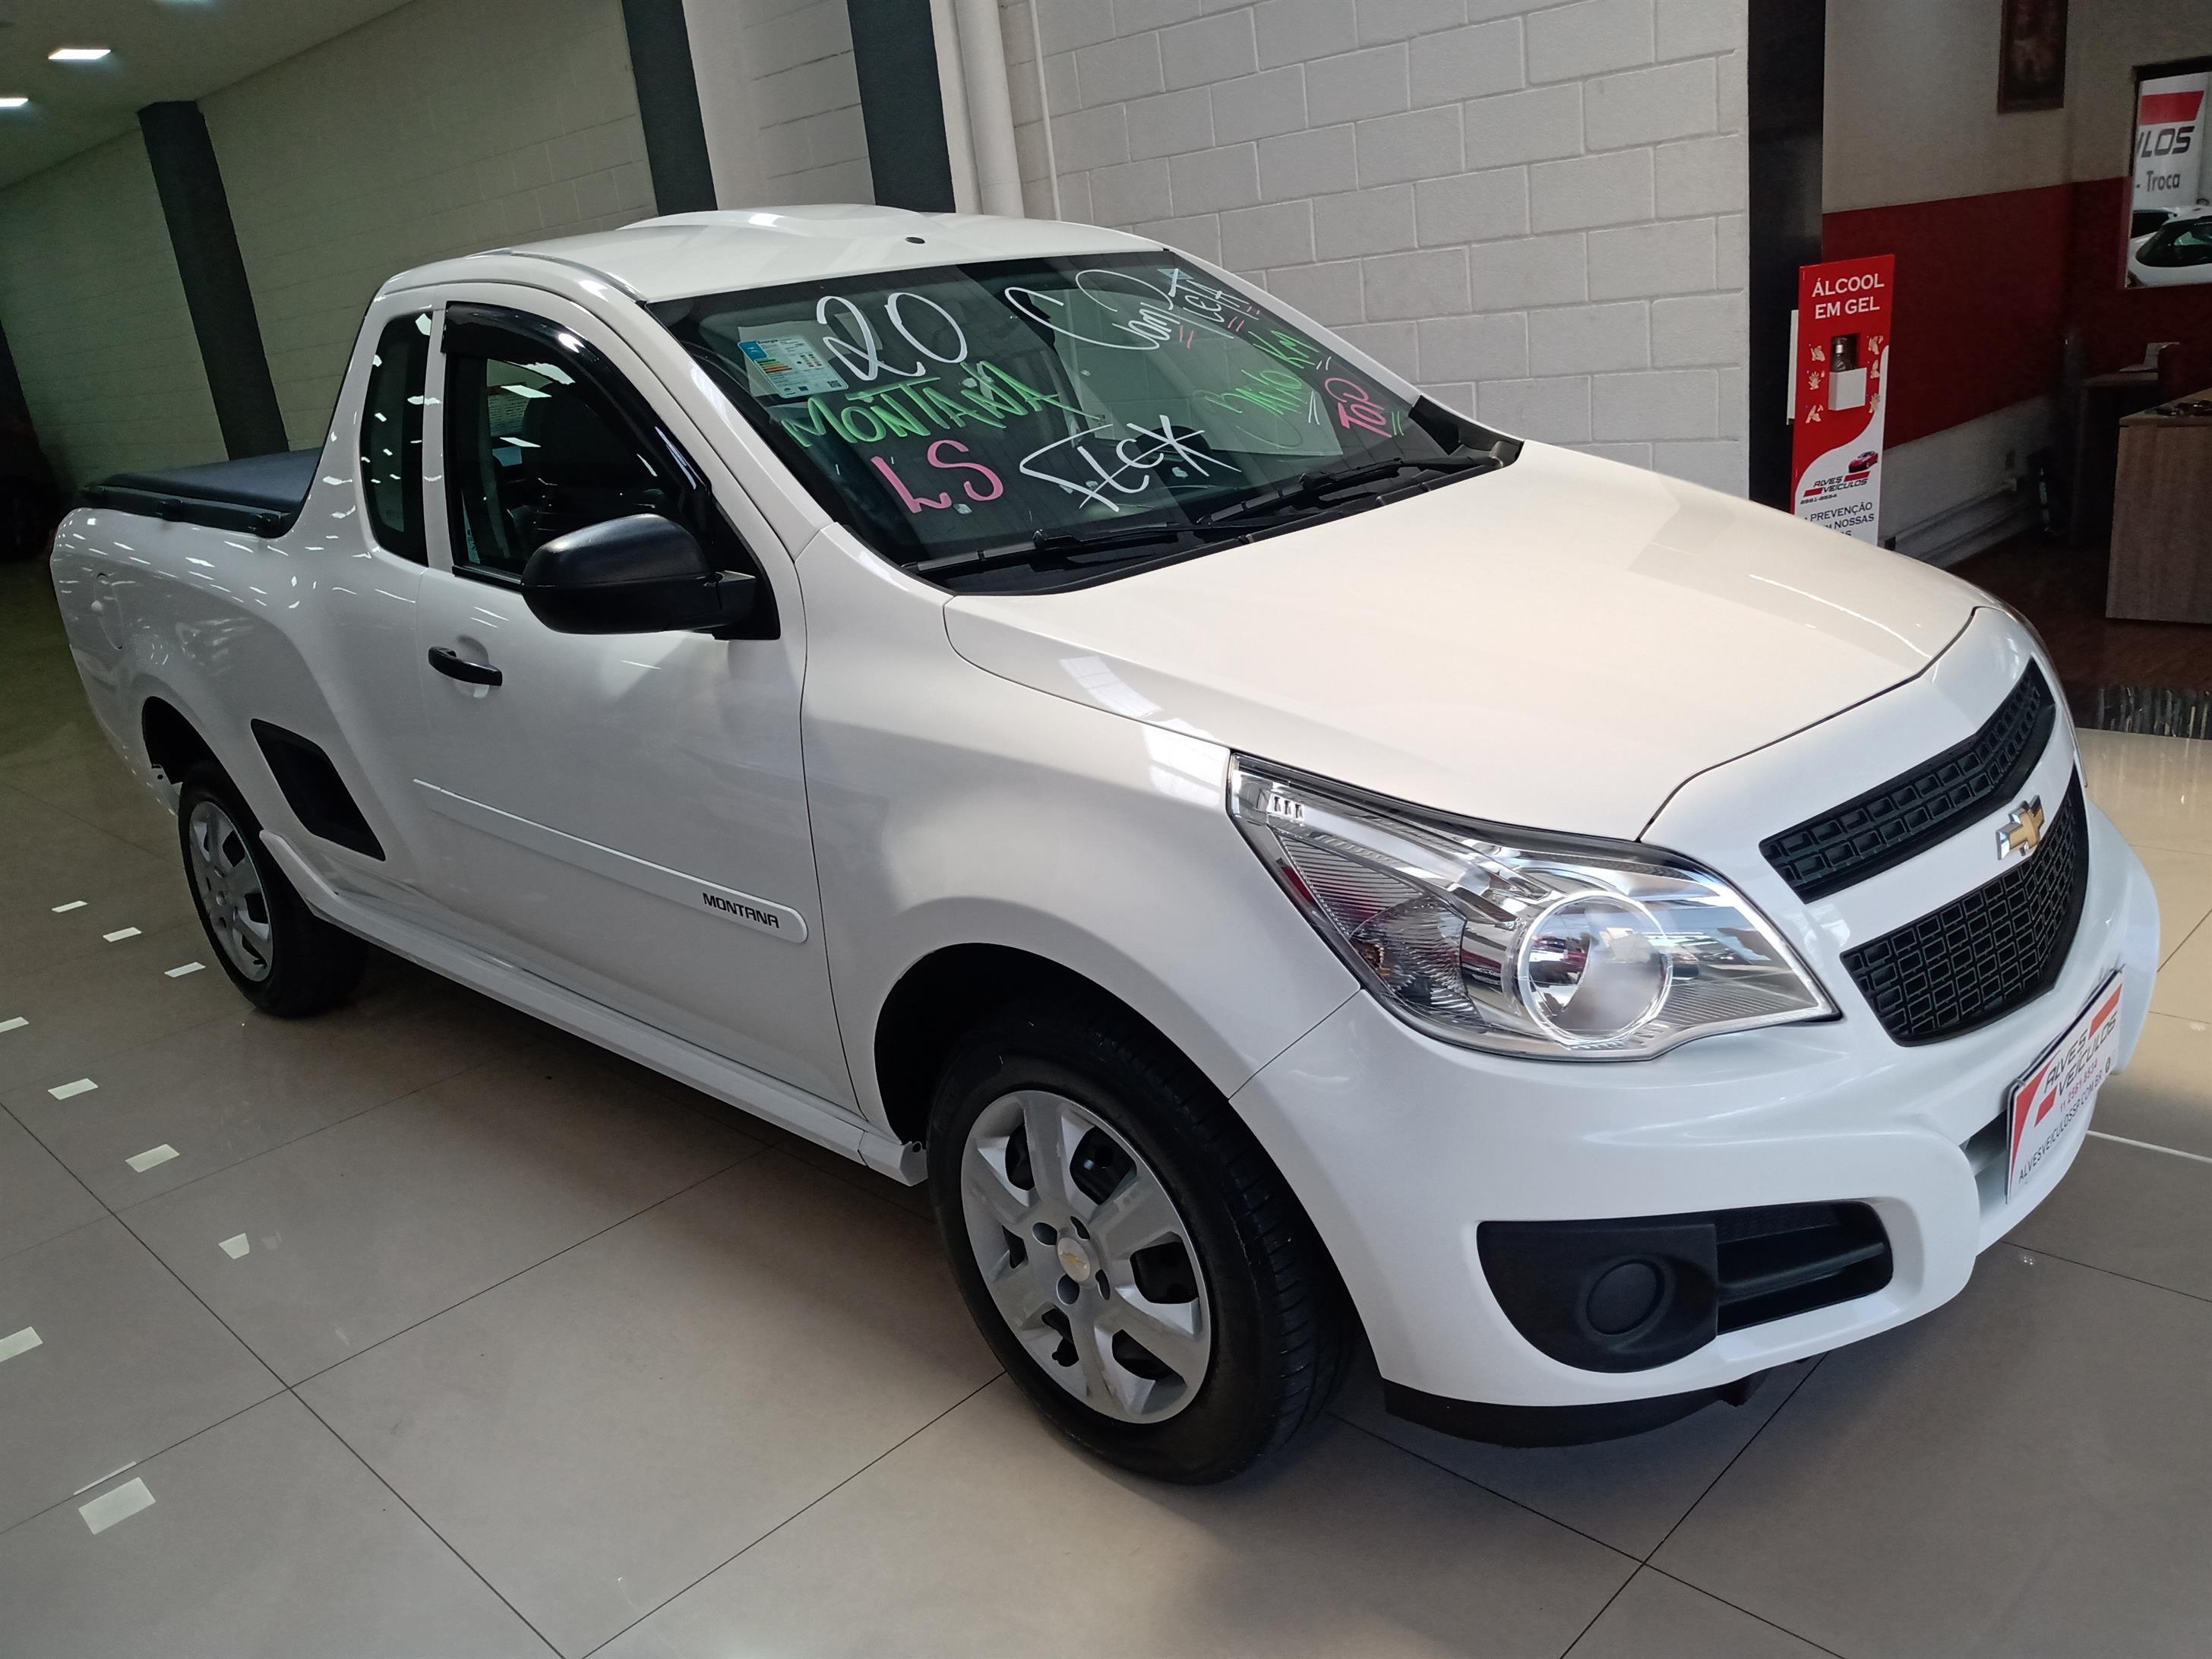 //www.autoline.com.br/carro/chevrolet/montana-14-ls-8v-flex-2p-manual/2020/sao-paulo-sp/14308552